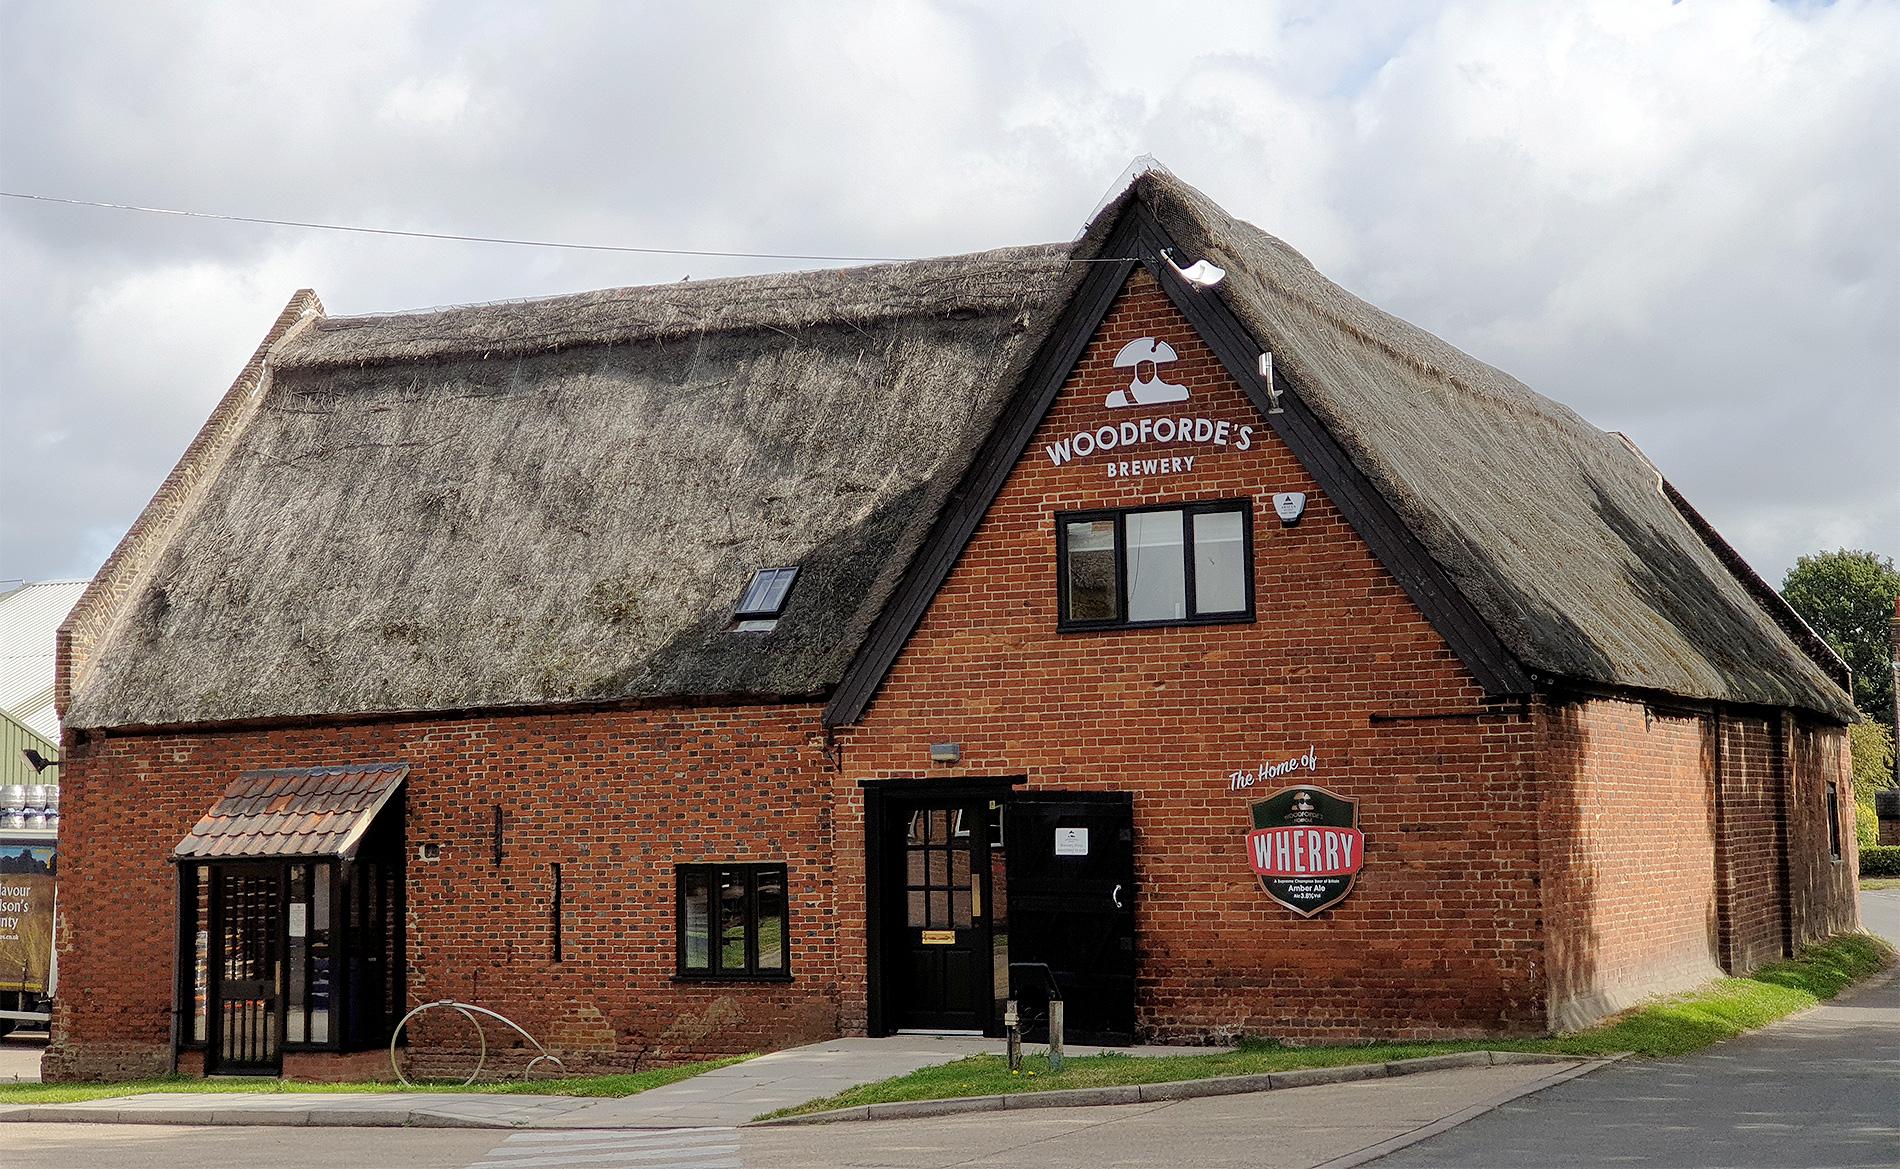 Woodforde's Brewery in Norfolk.